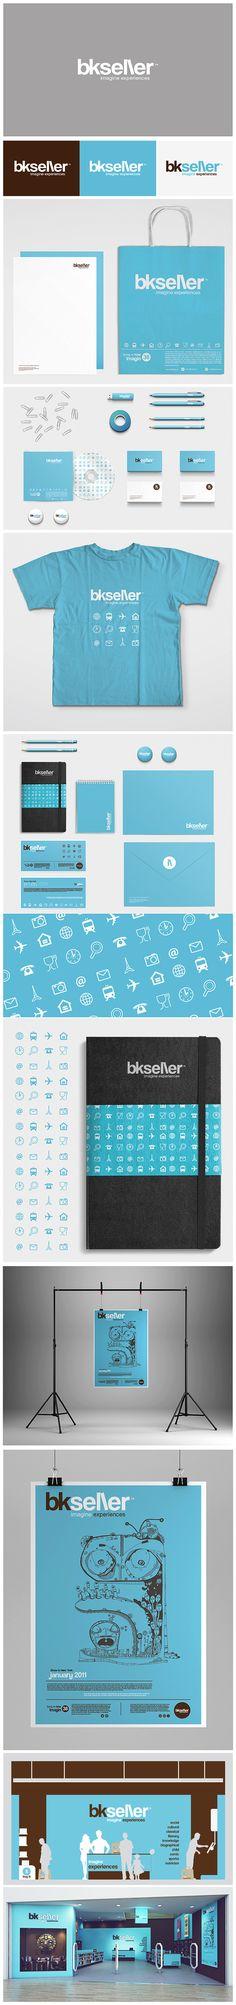 logo, concept, branding, bkseller by Mister Onüff by misteronüff, via Behance